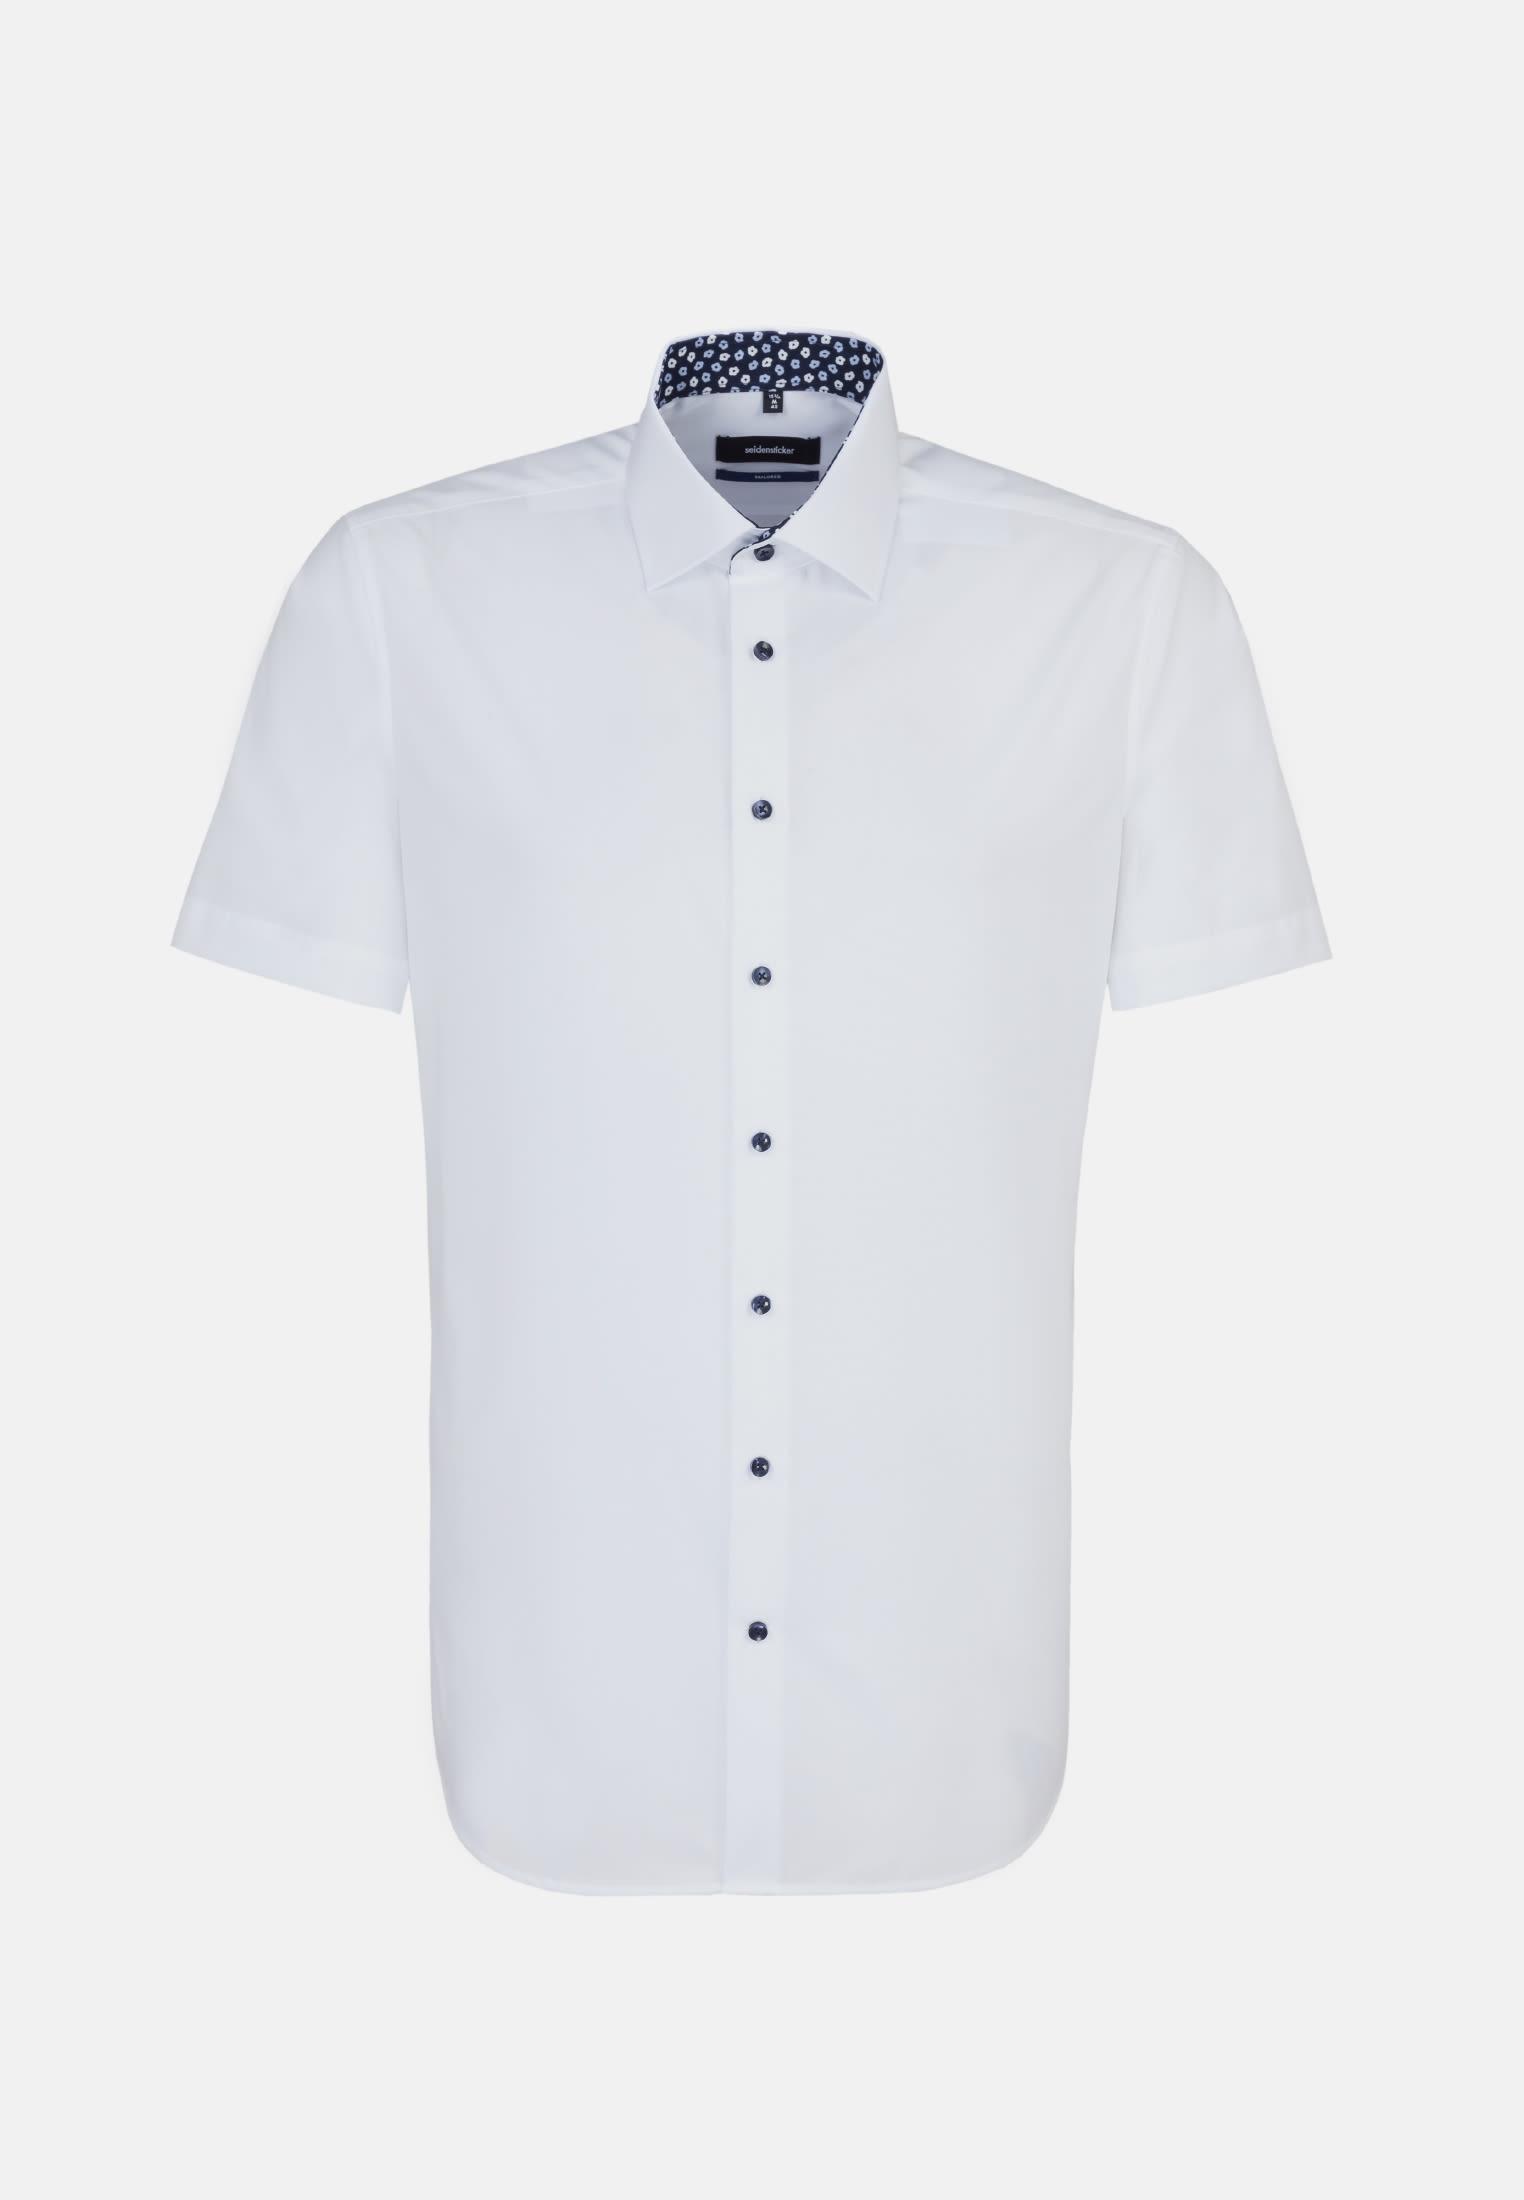 Non-iron Poplin Short arm Business Shirt in Tailored with Kent-Collar in weiß |  Seidensticker Onlineshop